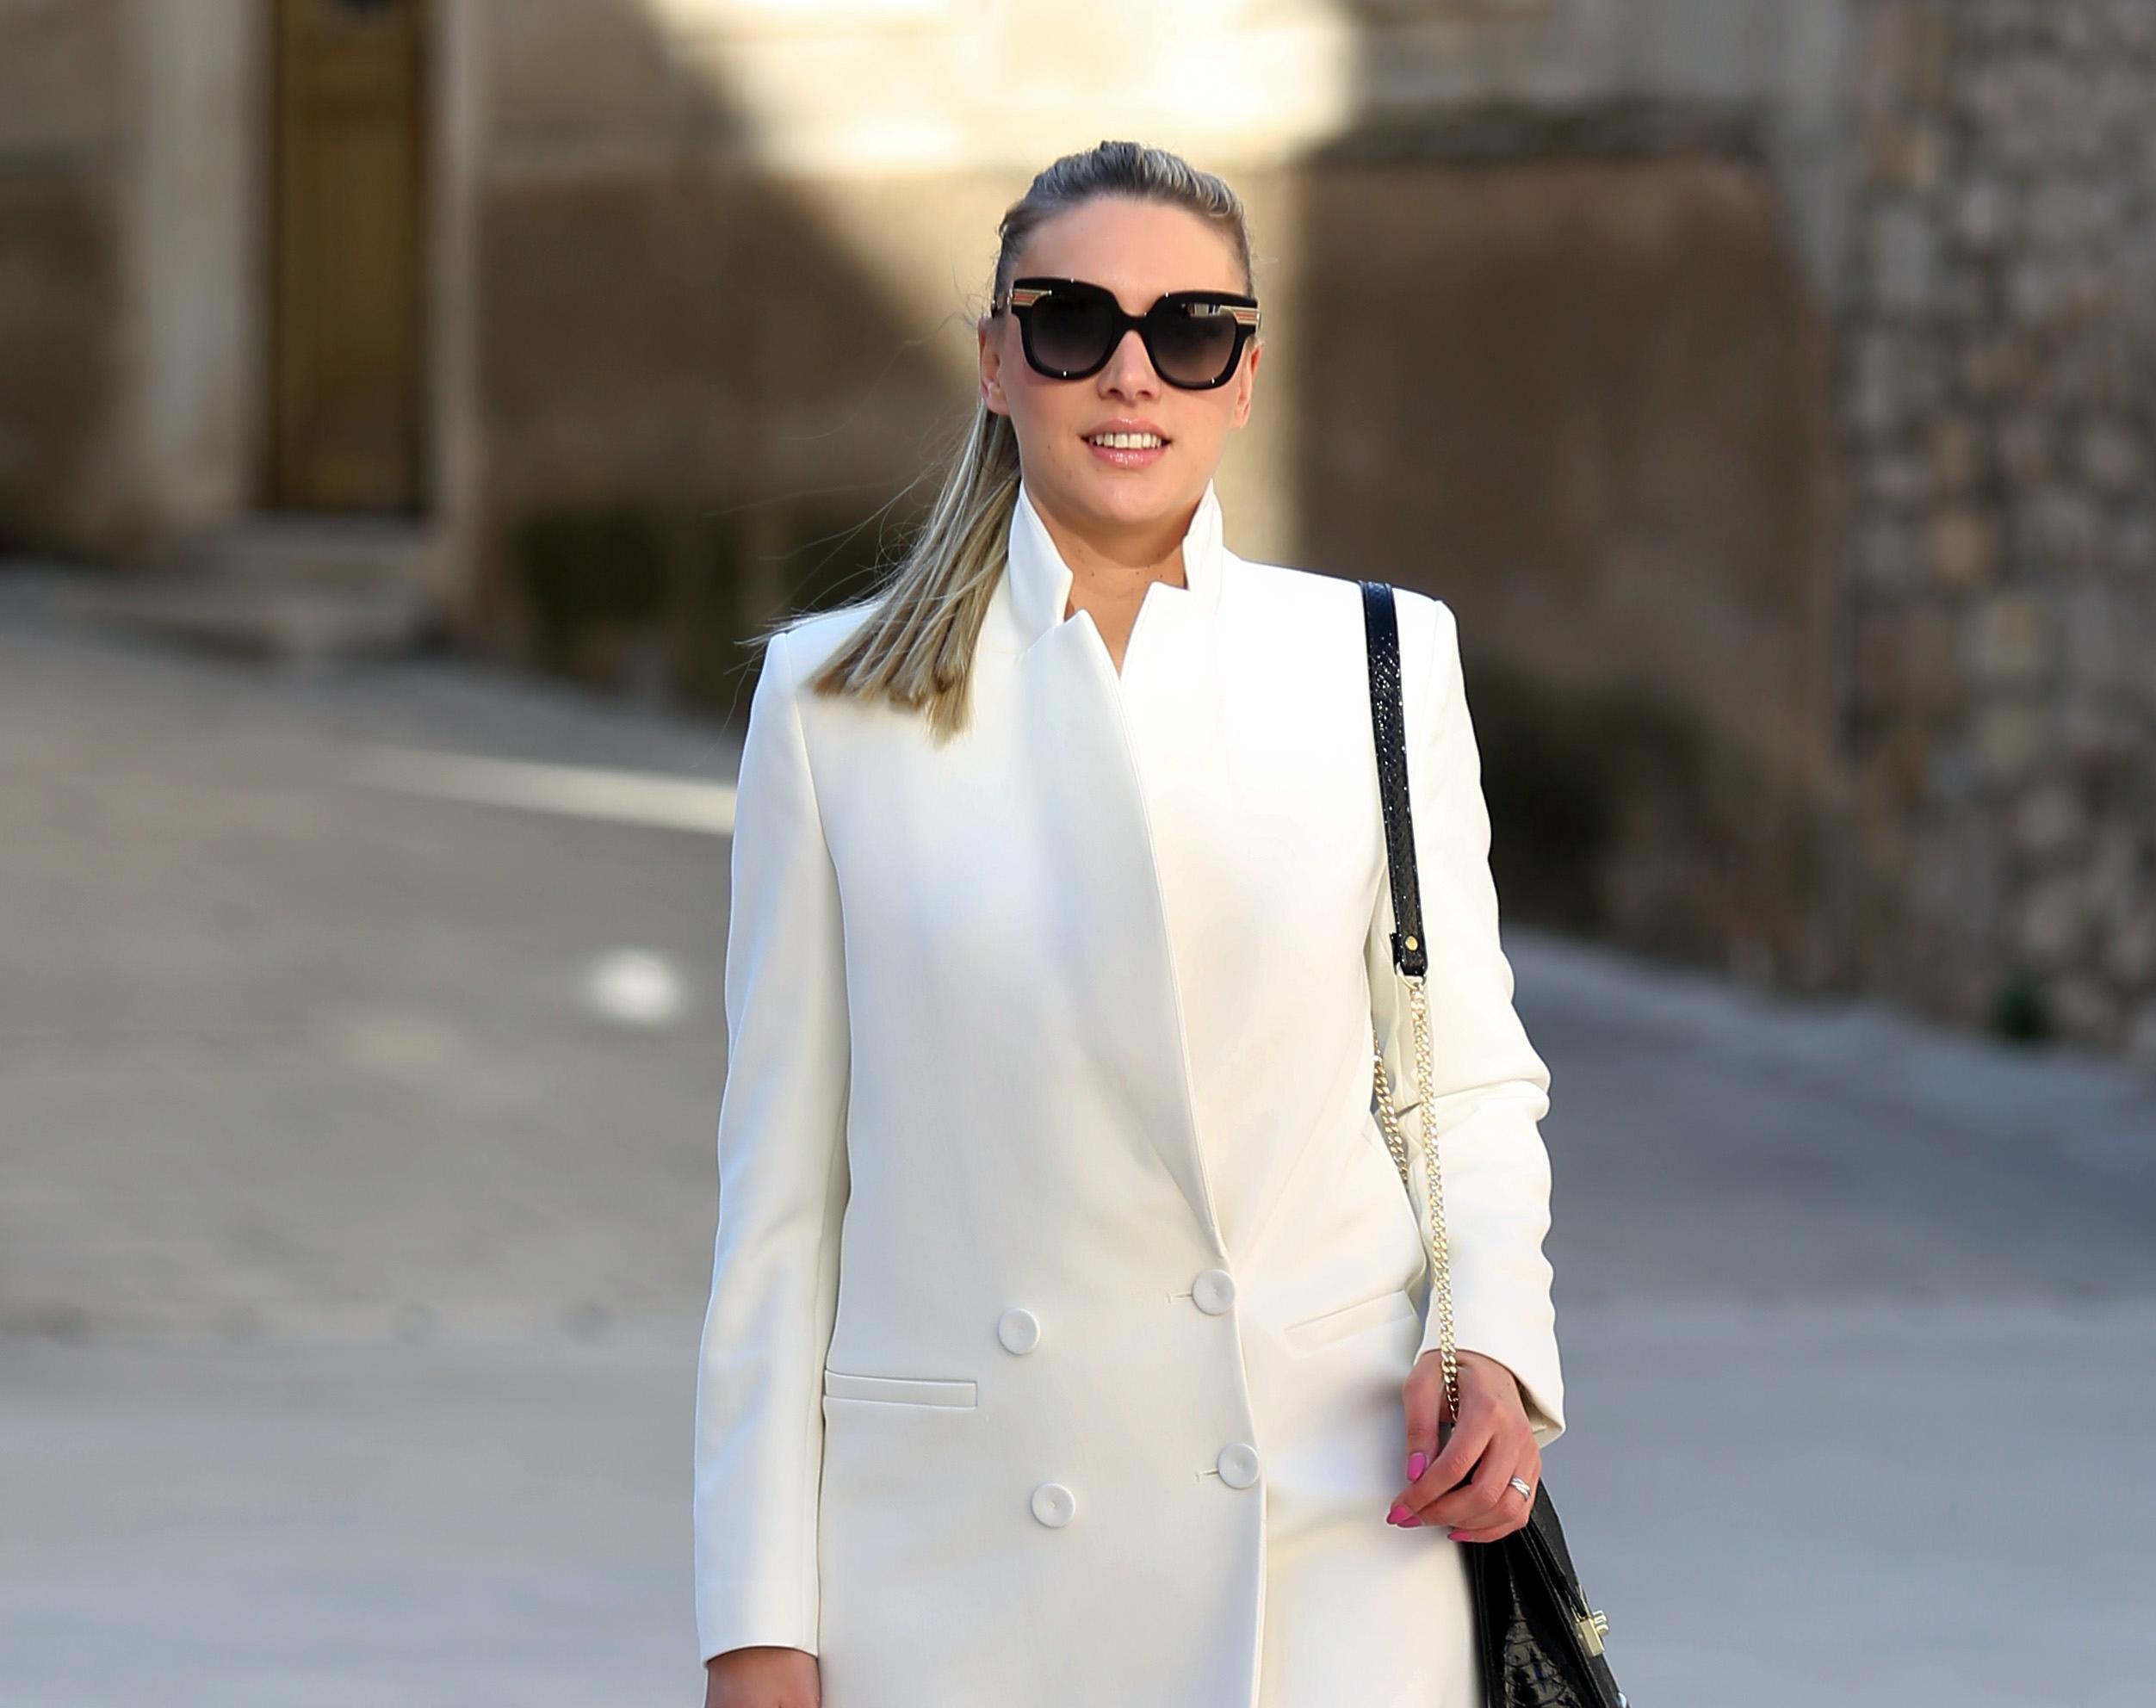 Gradska vijećnica iz Šibenika pokazala kako se nosi bijelo od glave do pete i izgleda fantastično